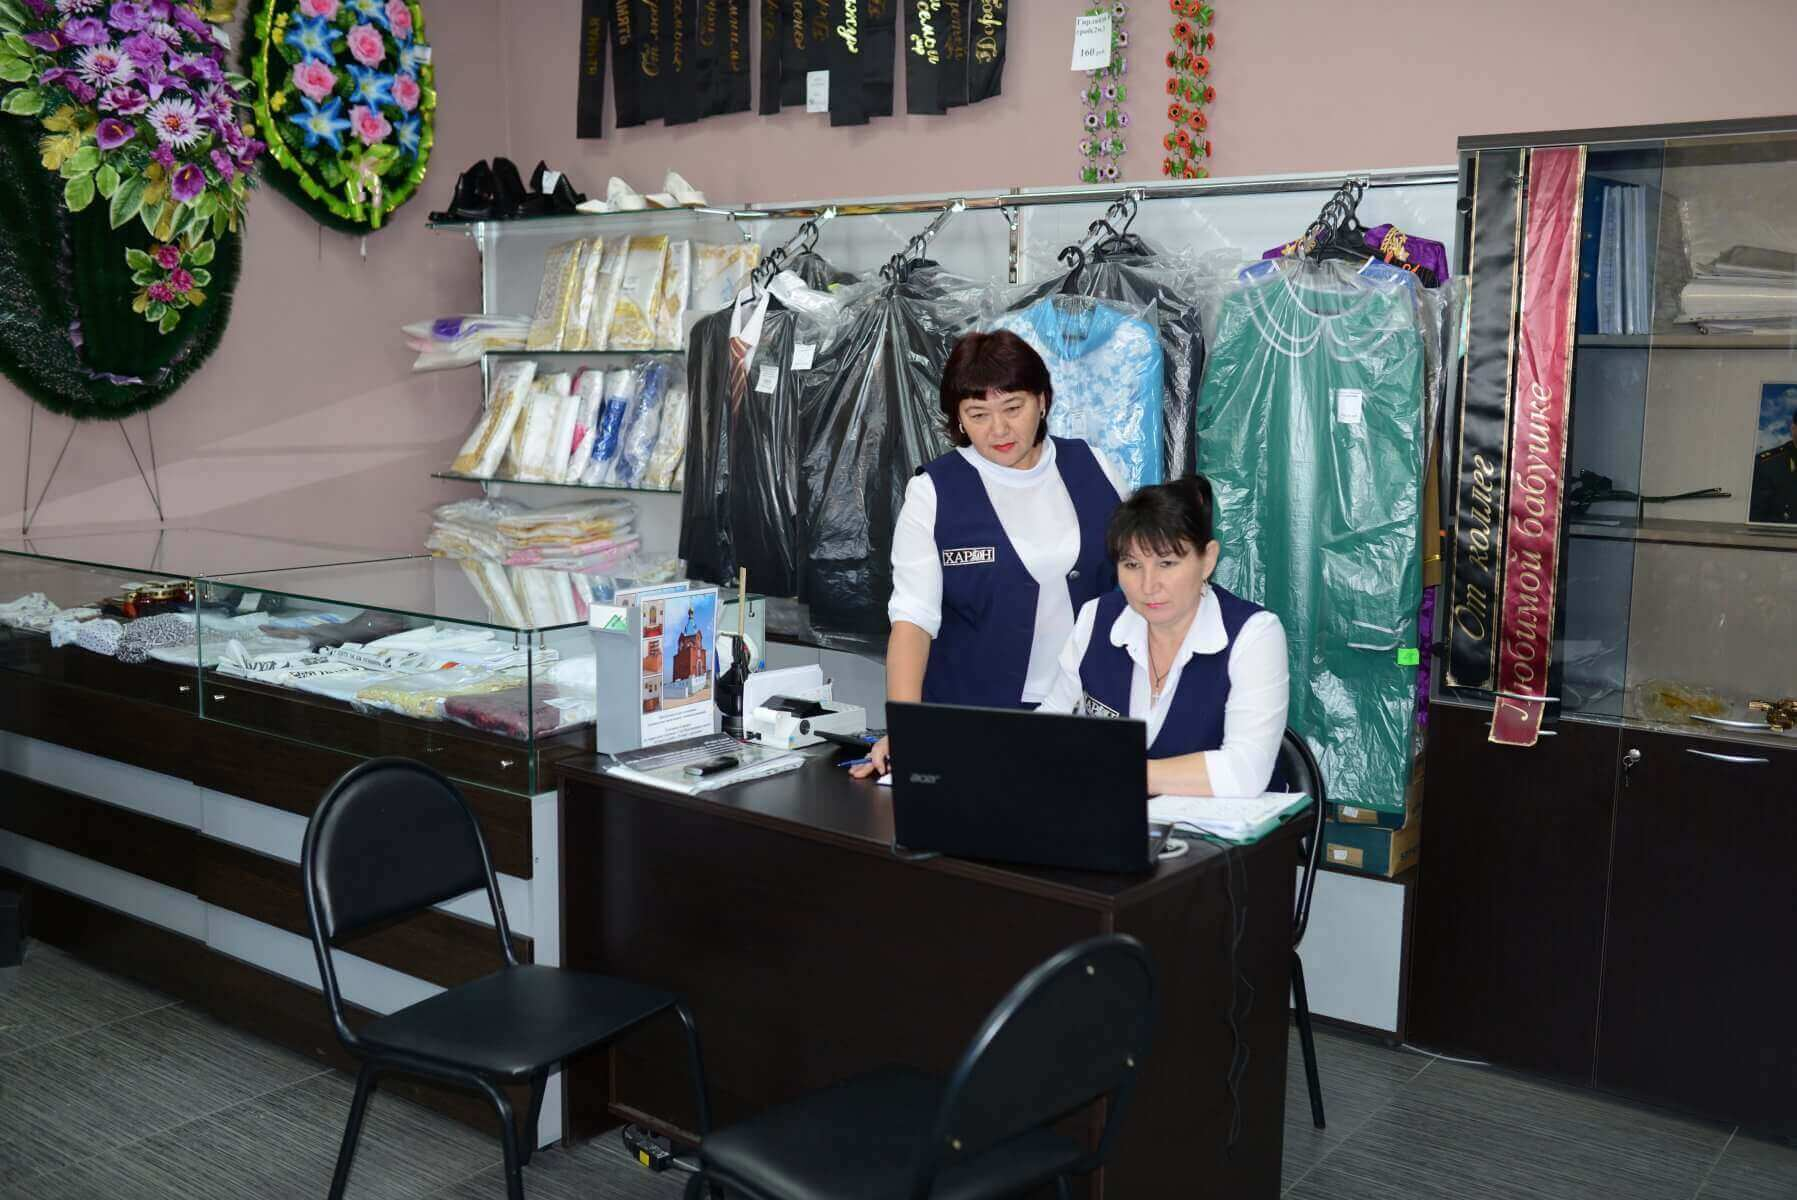 Похоронное бюро - открываем бизнес с нуля